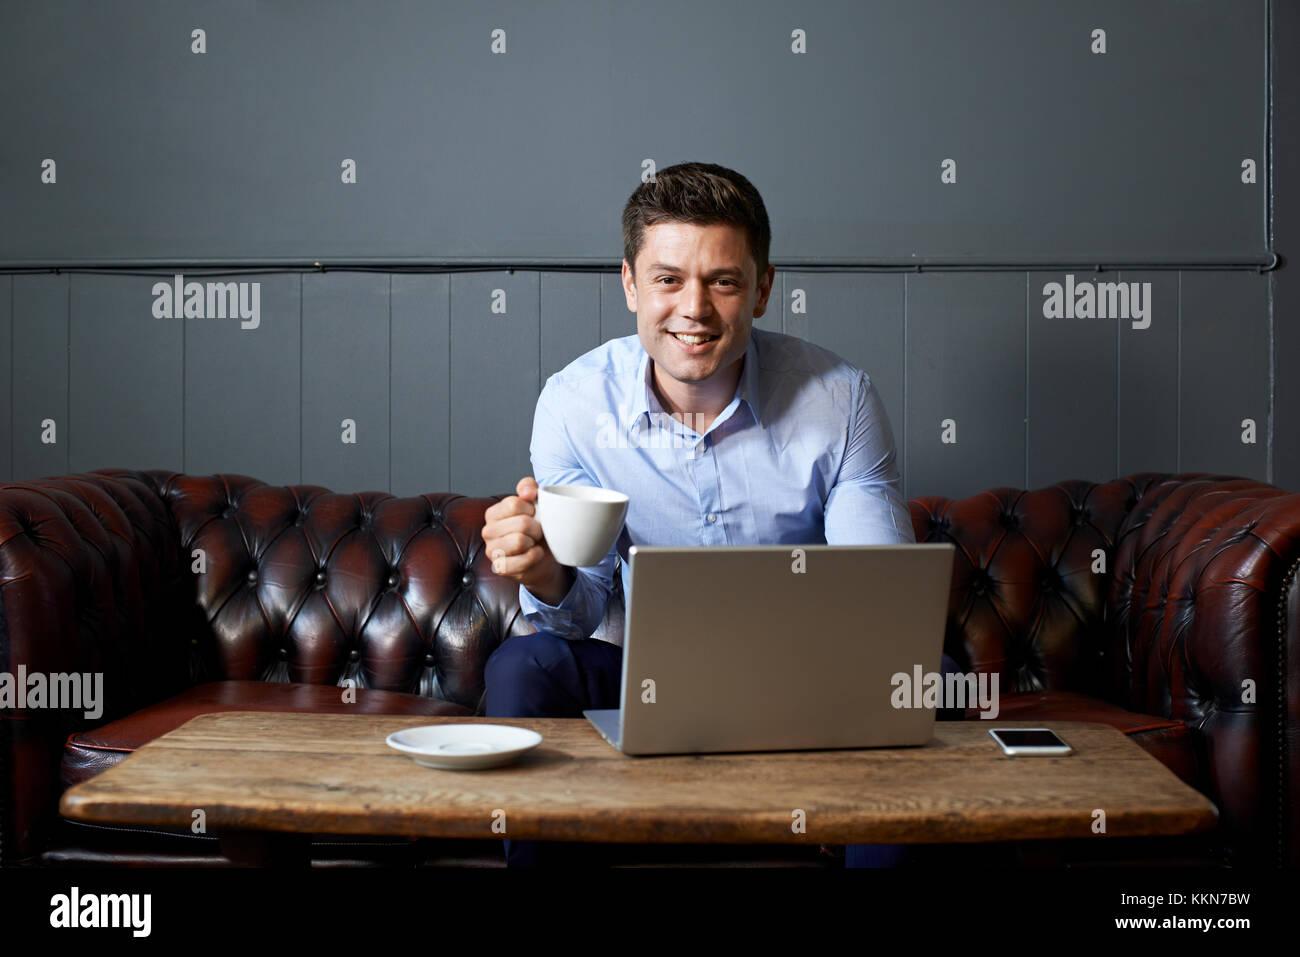 Empresario bebiendo café mientras trabajando en el portátil en internet cafe Imagen De Stock